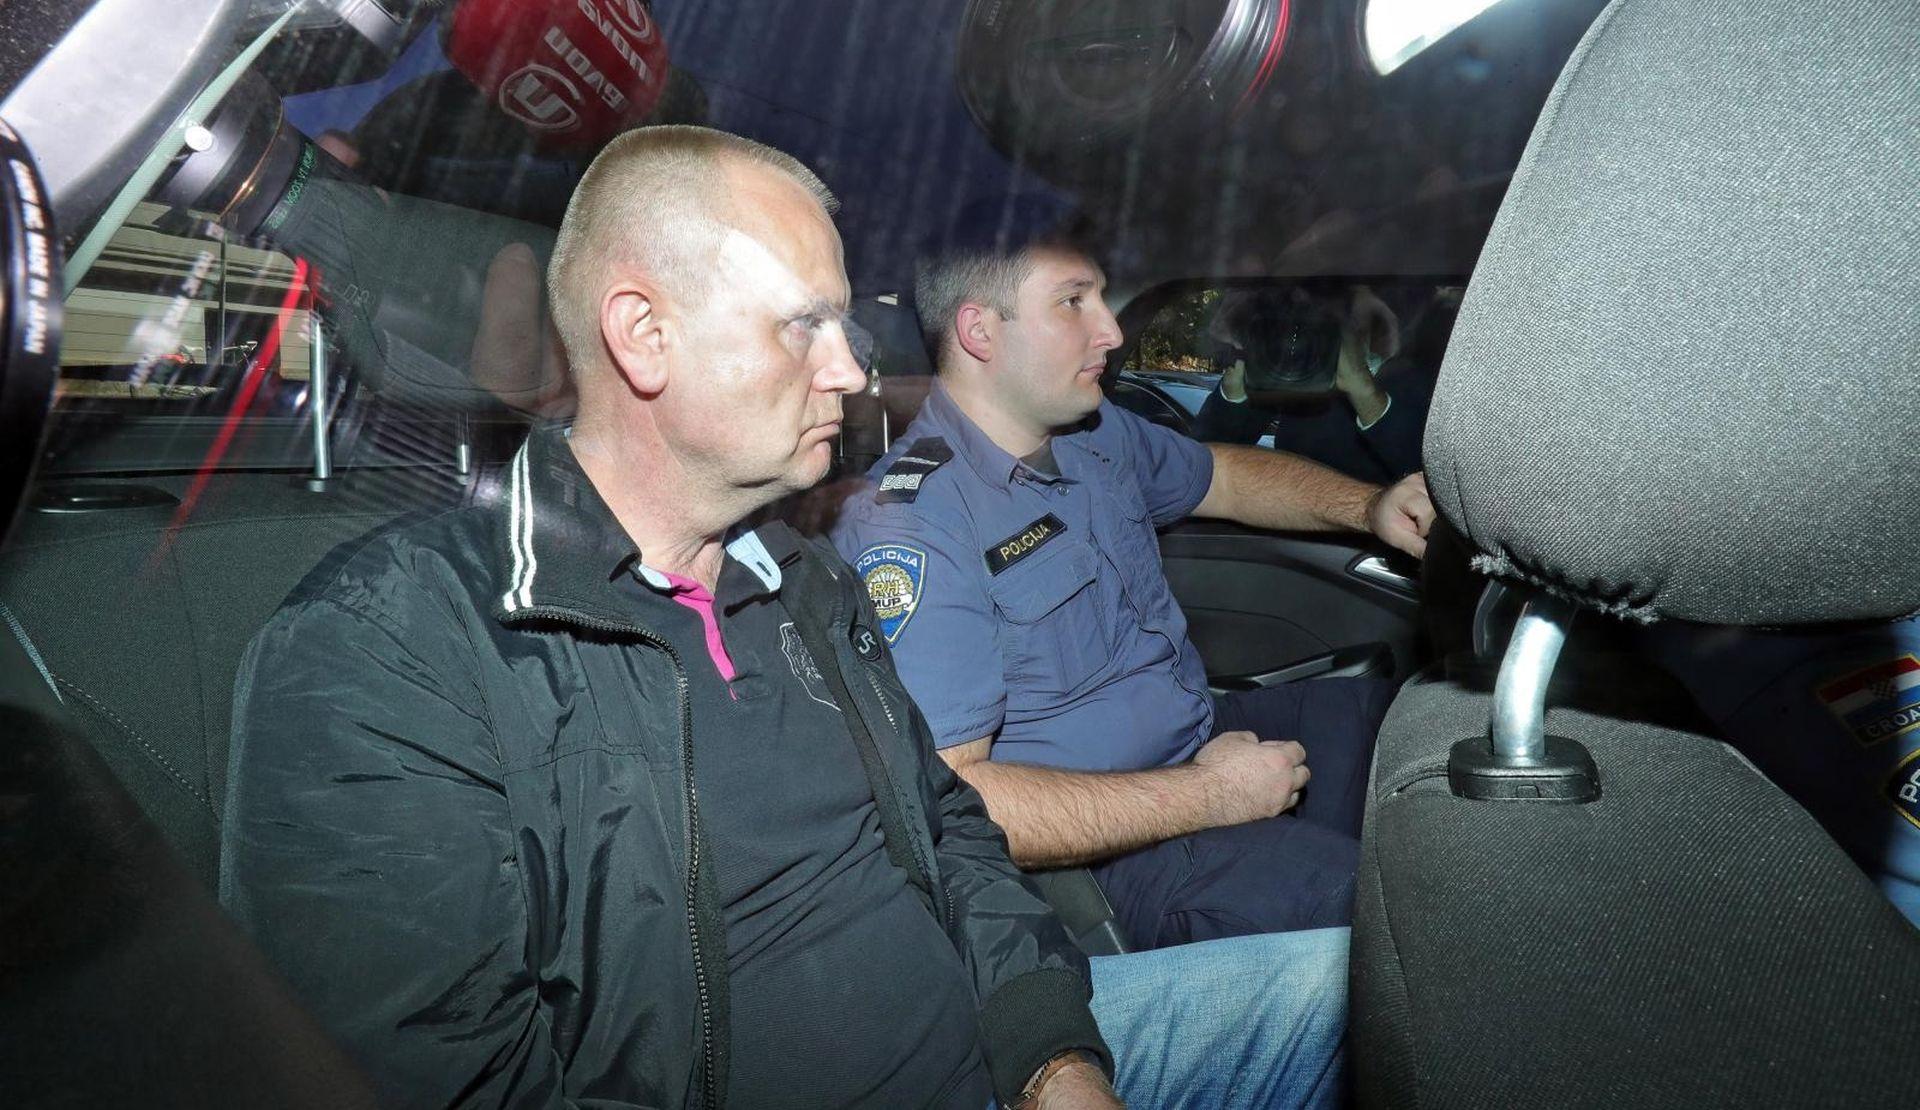 ODLUKA SUDA Hoće li Varga i Curić biti pušteni na slobodu?